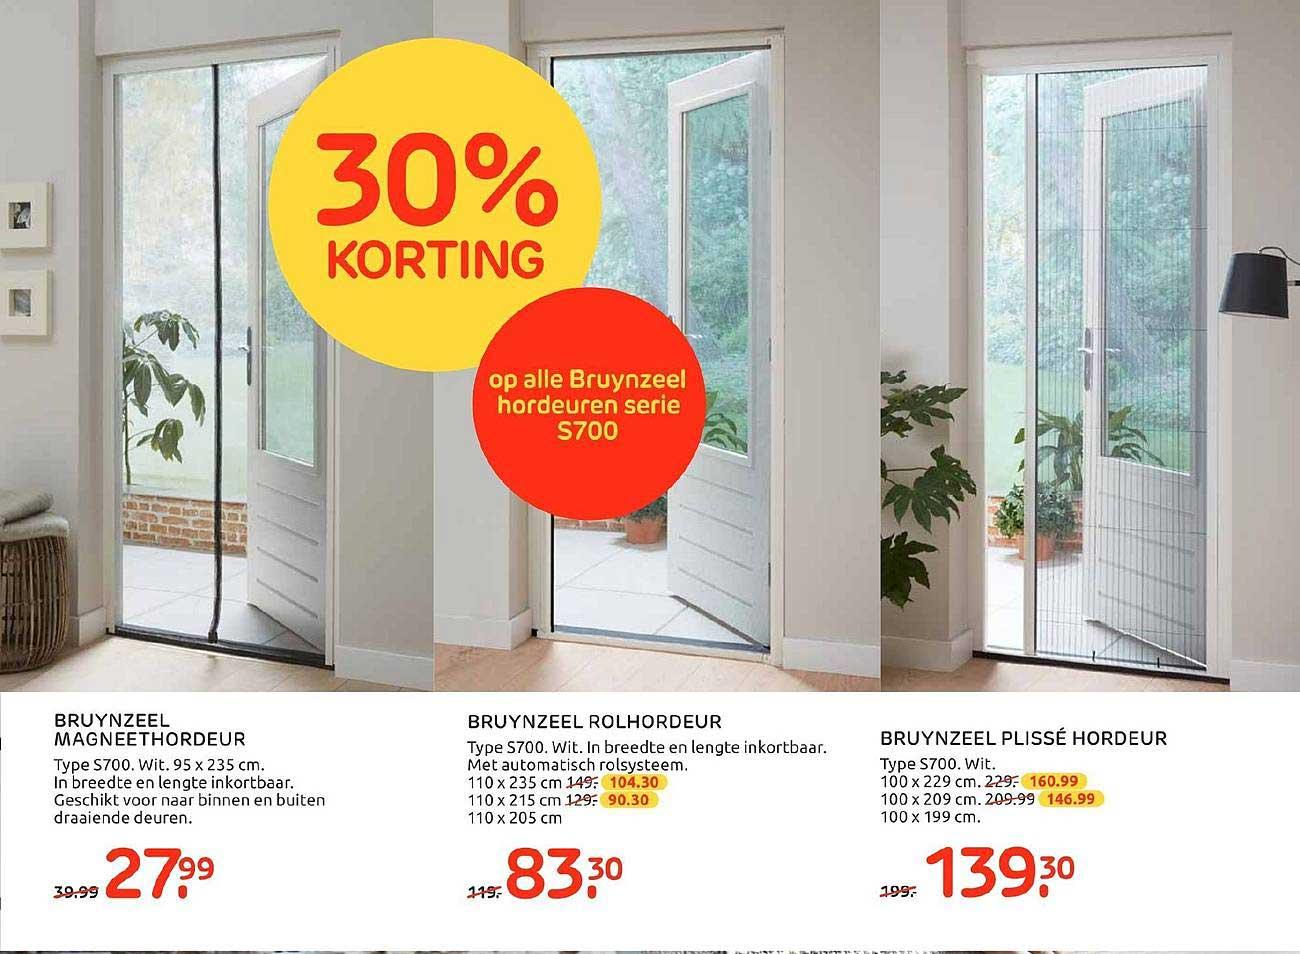 Praxis 30% Korting Op Alle Bruynzeel Hordeuren S700